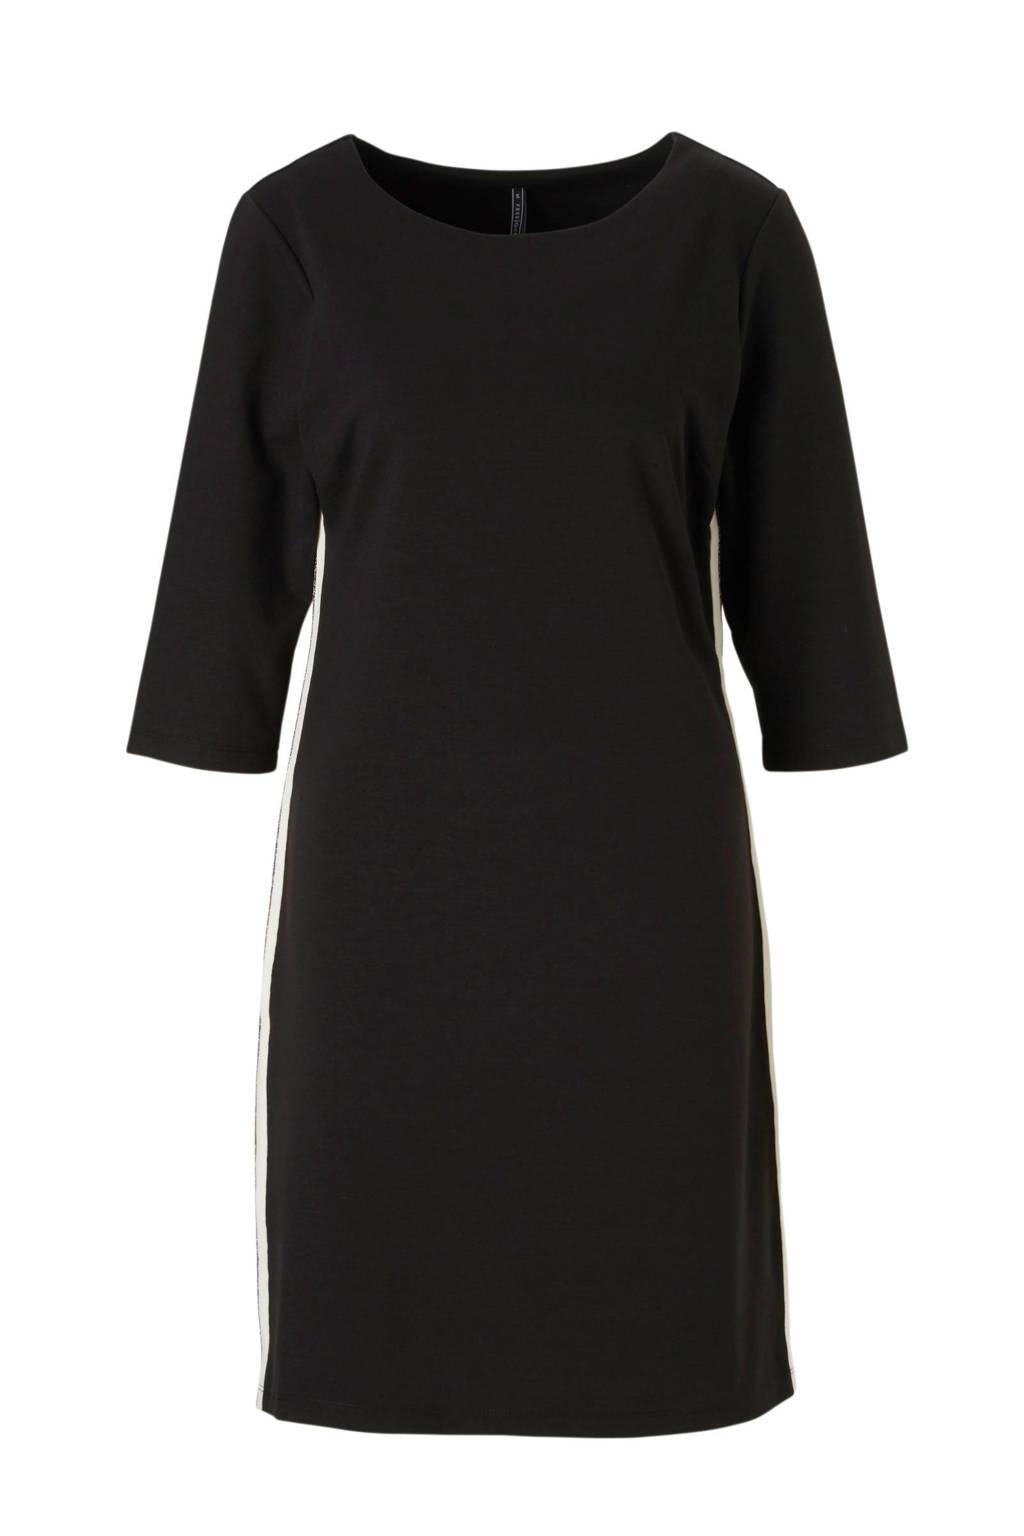 FREEQUENT Dane jurk, Zwart